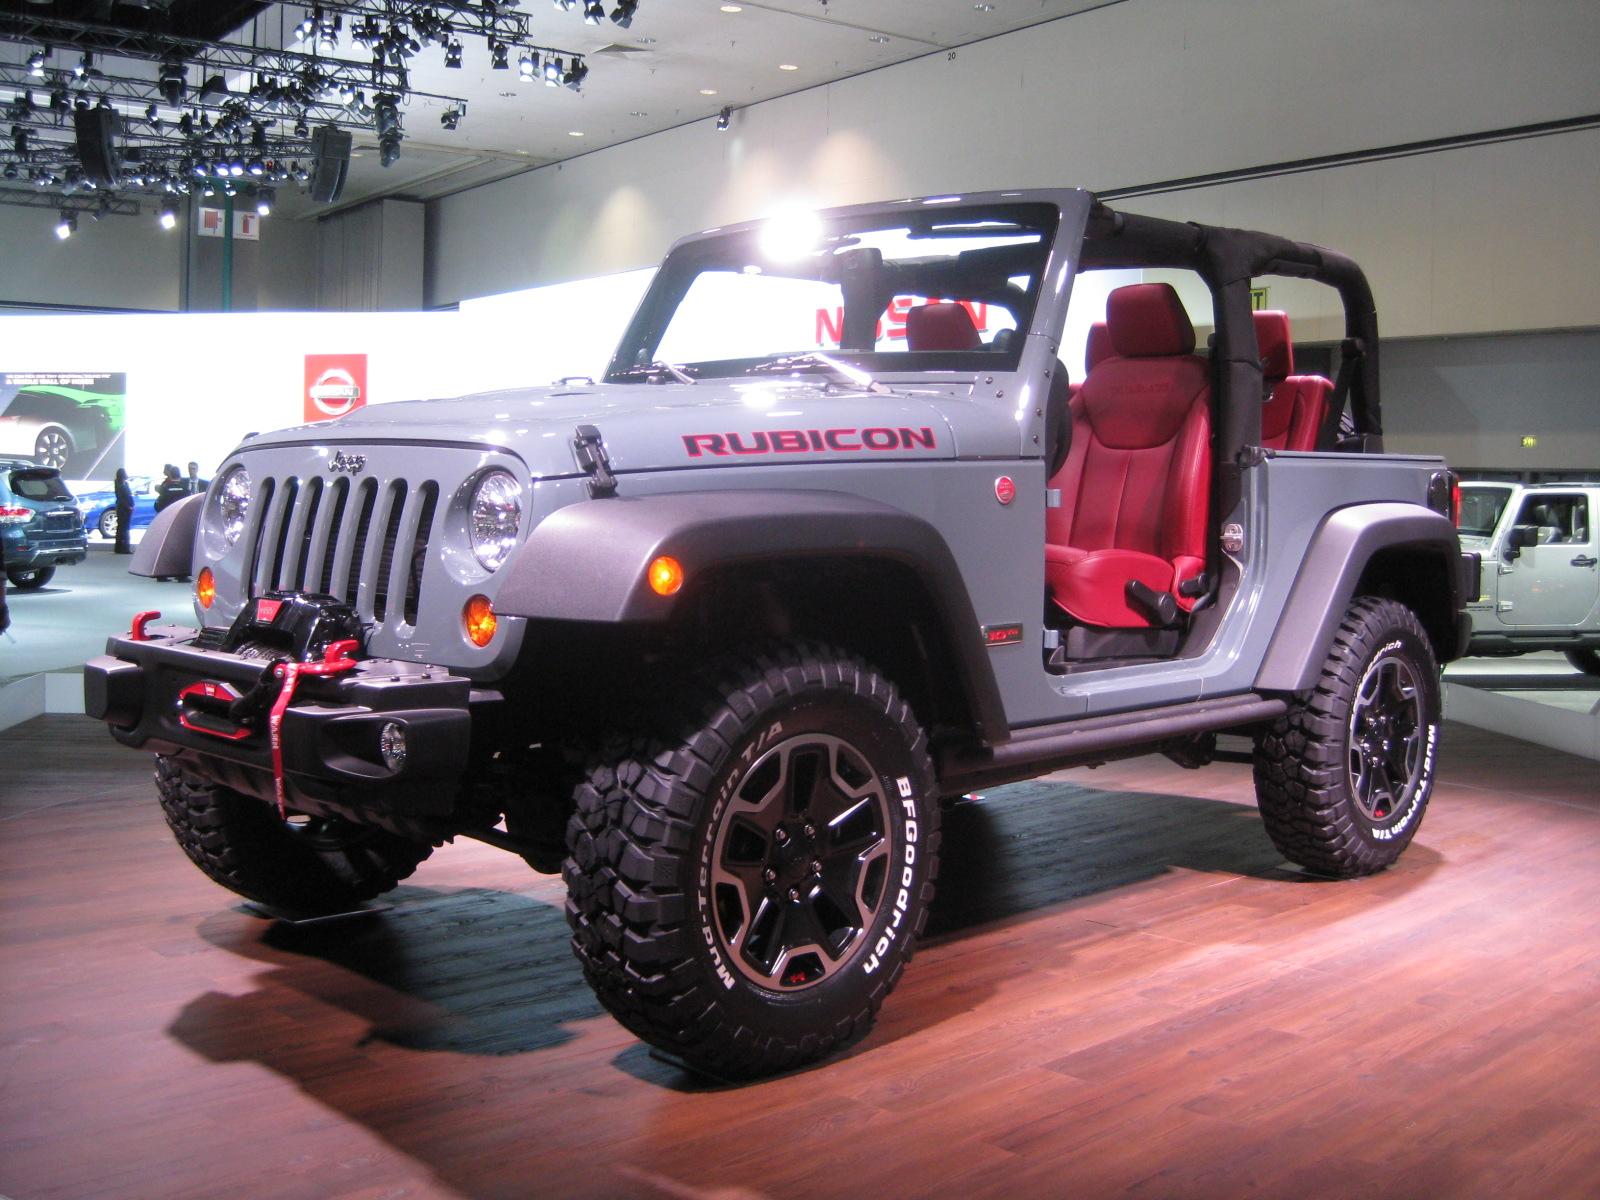 Chrysler Group 2014 Jeep Wrangler Rubicon 10th